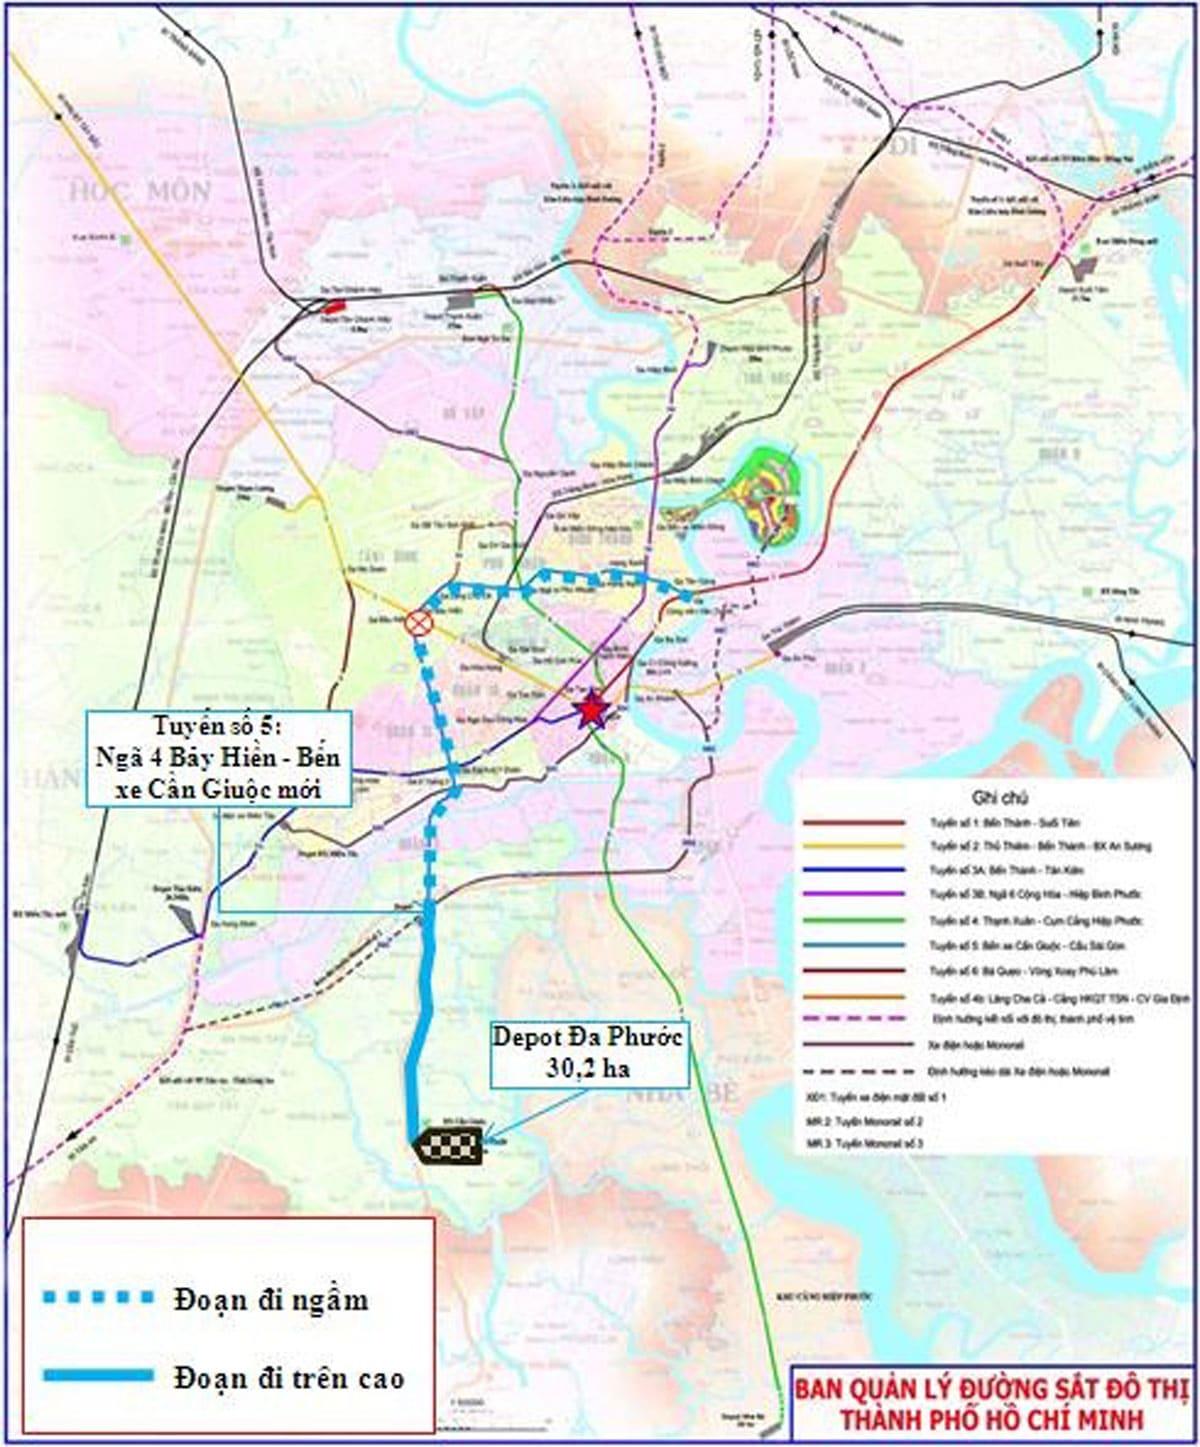 tuyen metro so 5 - Thông tin Tuyến Metro số 5:  Cầu Sài Gòn – Bến xe Cần Giuộc